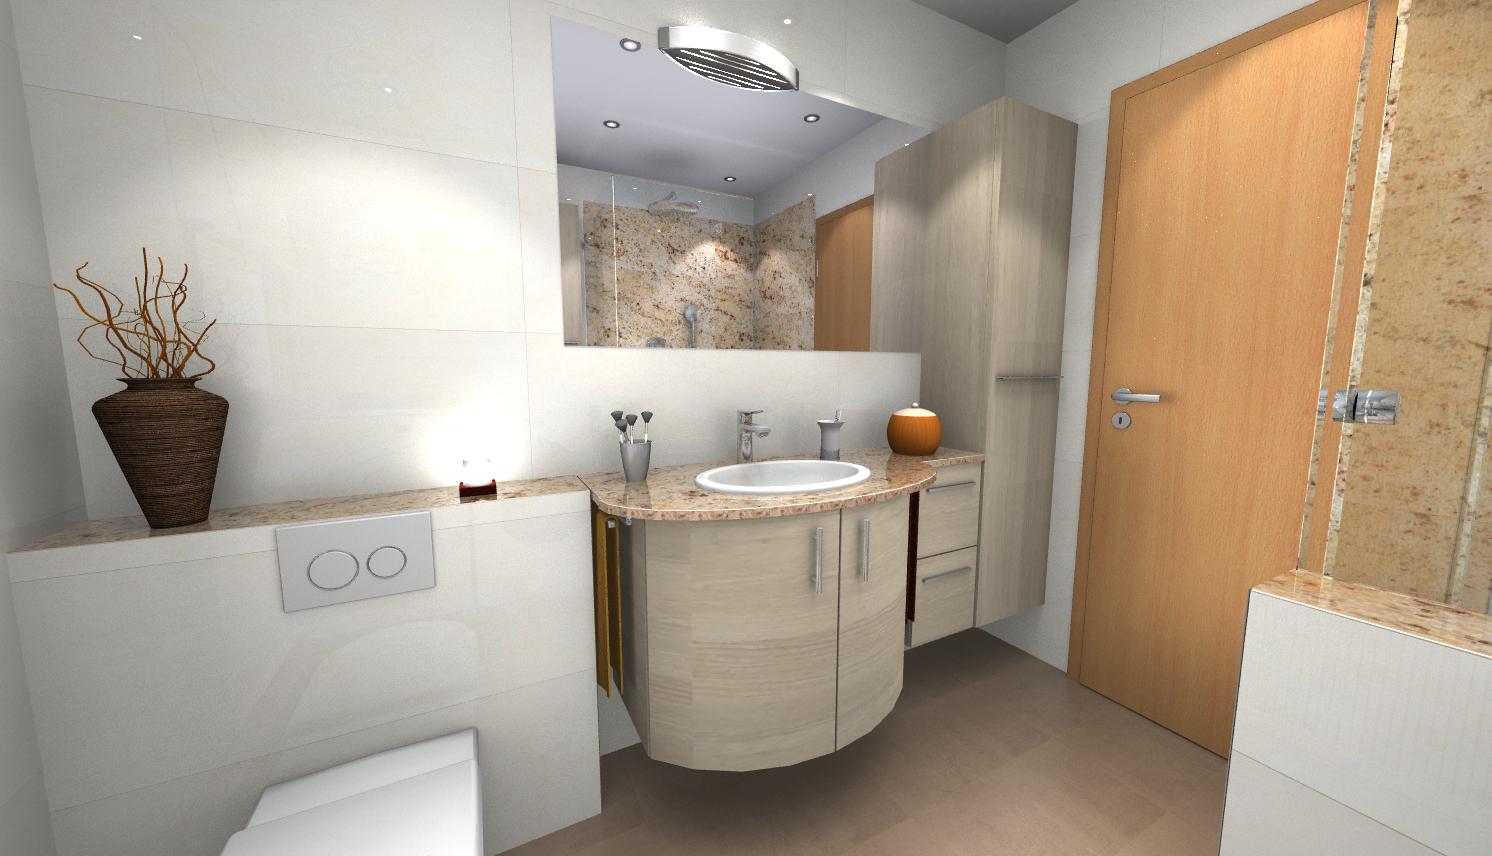 naturstein langlebiges design walters traumb der. Black Bedroom Furniture Sets. Home Design Ideas